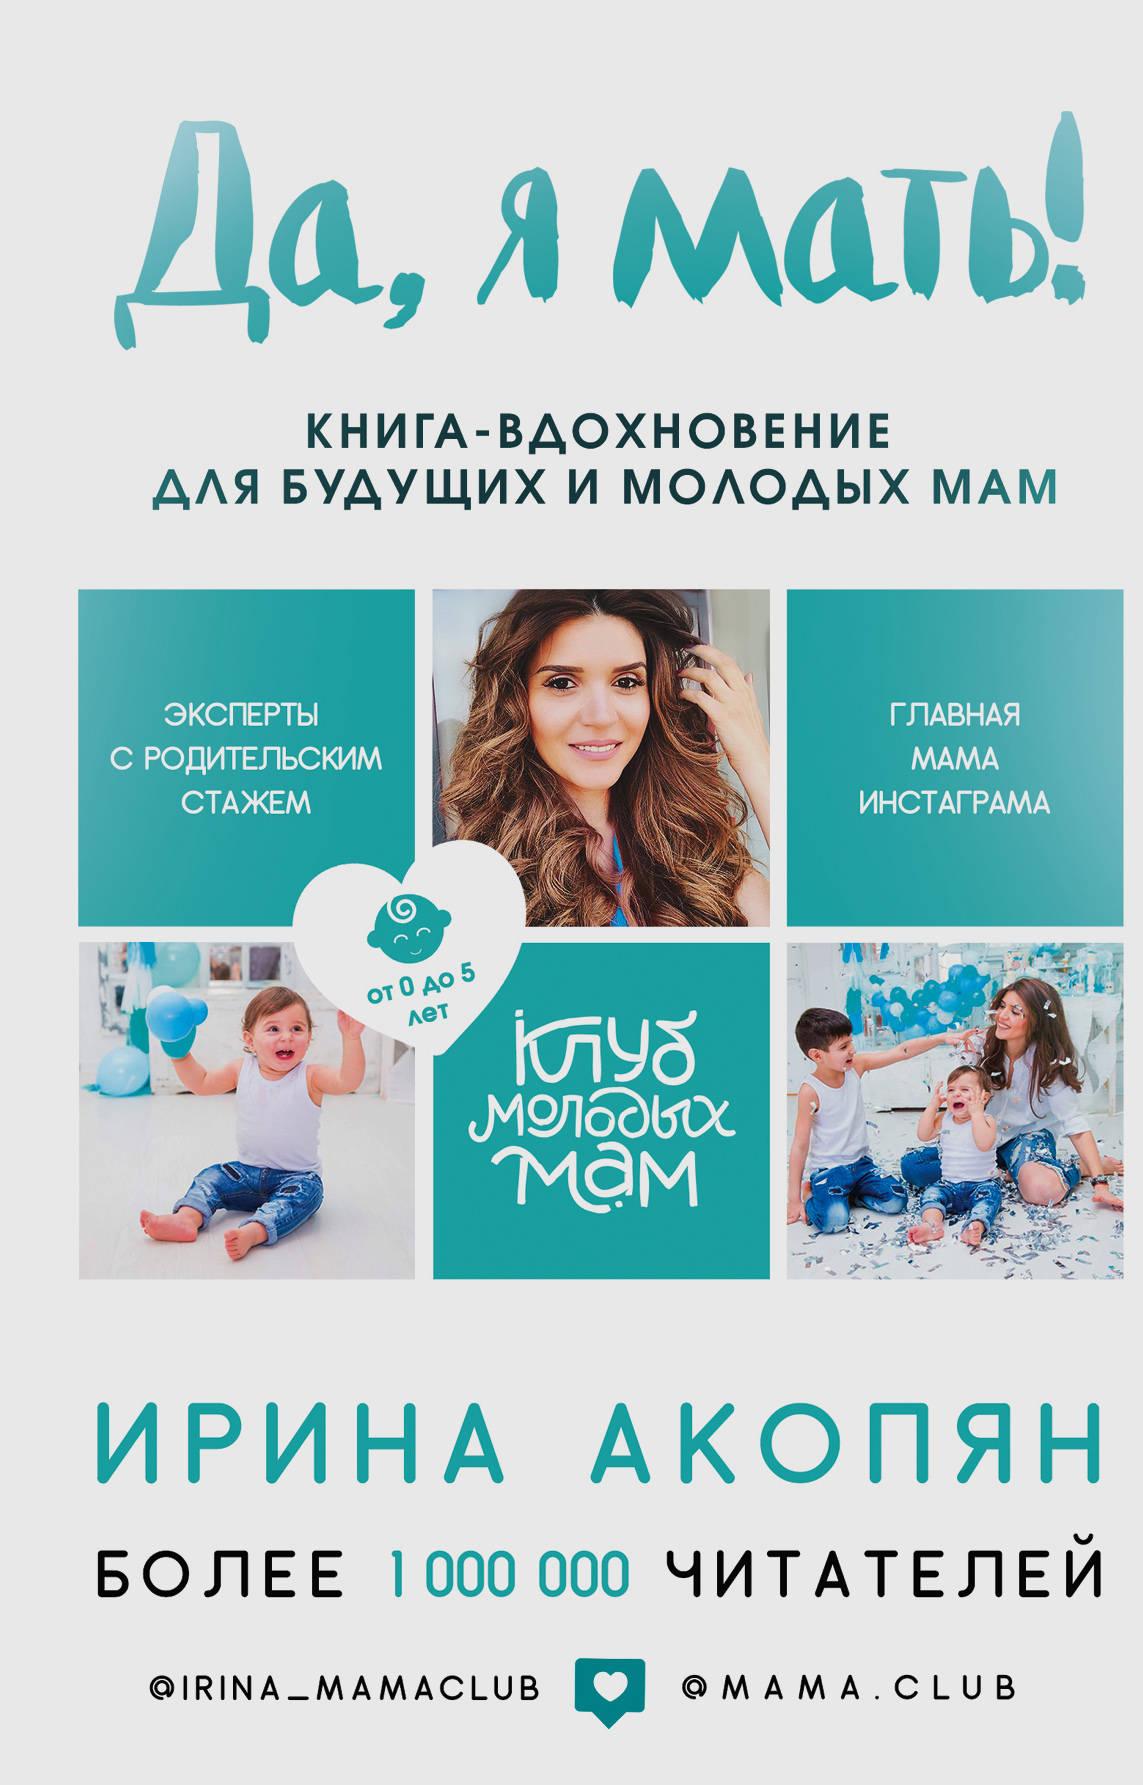 Акопян Ирина Жораевна Да, я мать! Секреты активного материнства гримальди виржини день когда я начала жить